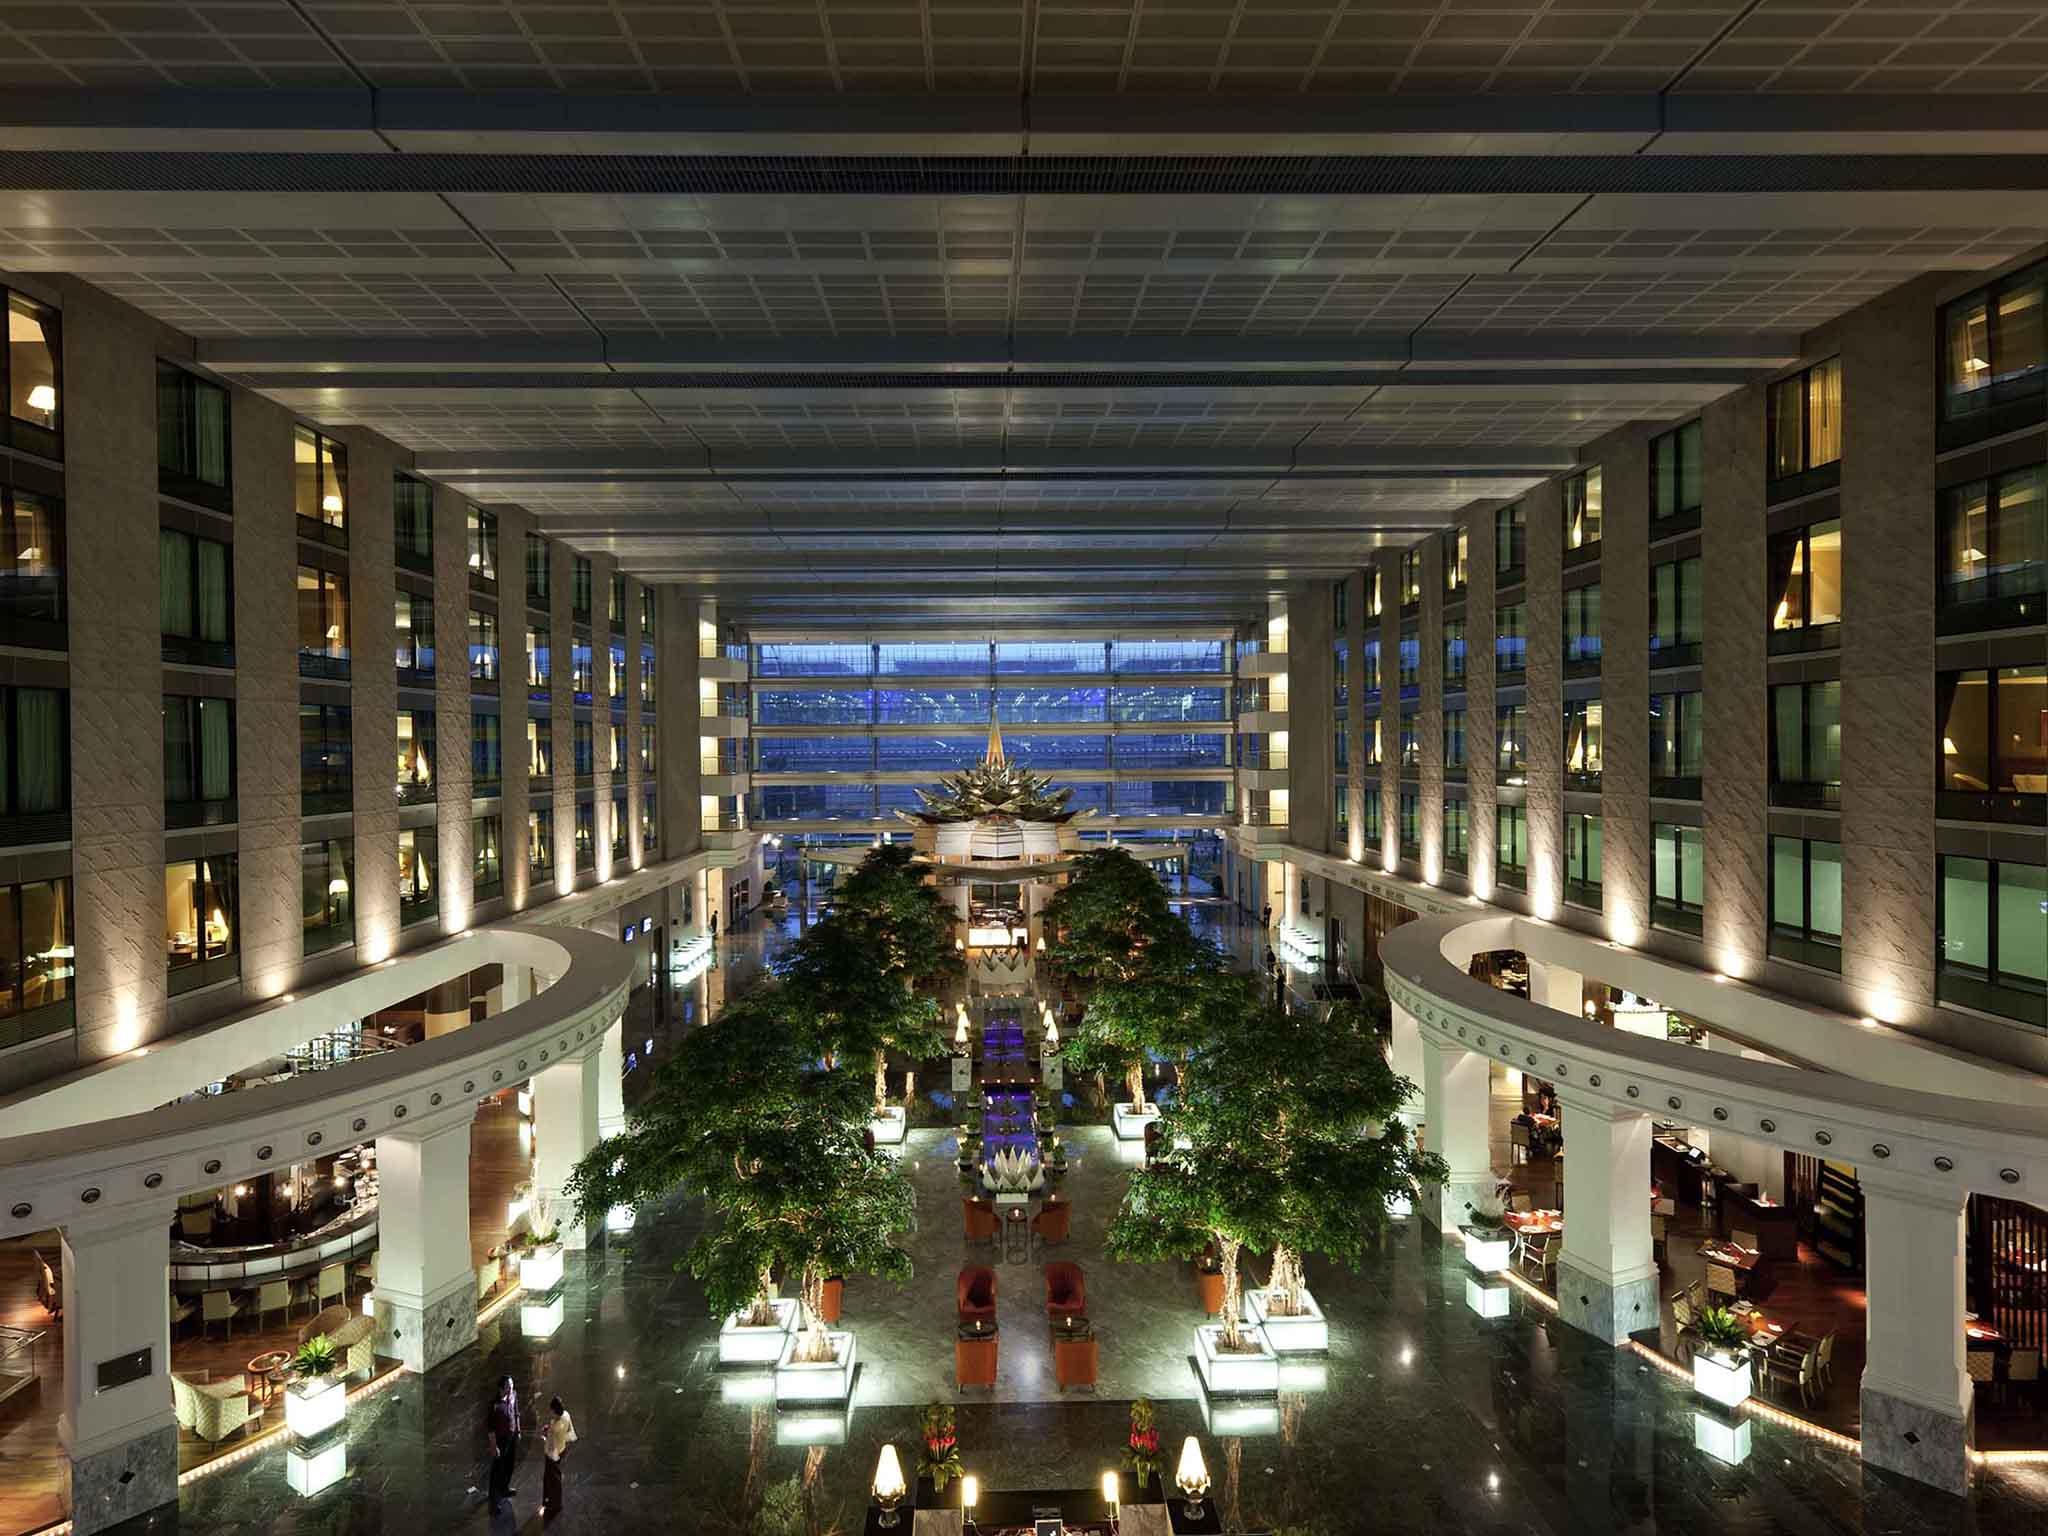 โรงแรม – โรงแรมโนโวเทล กรุงเทพฯ สุวรรณภูมิ แอร์พอร์ต